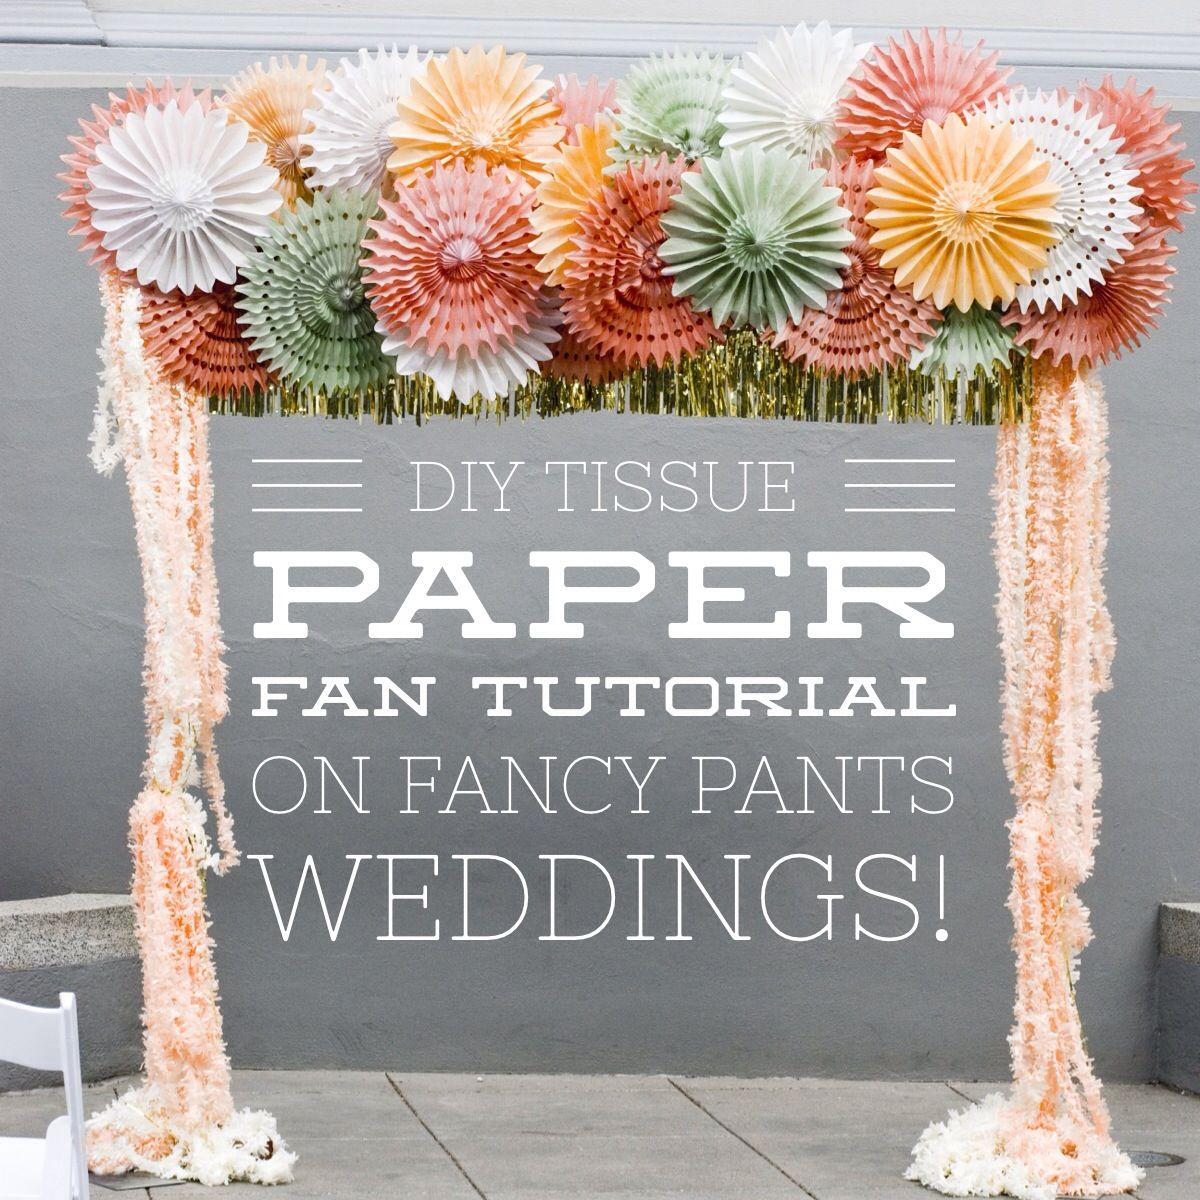 DIY: Paper Fan Tutorial Http://www.fancypantsweddings.com